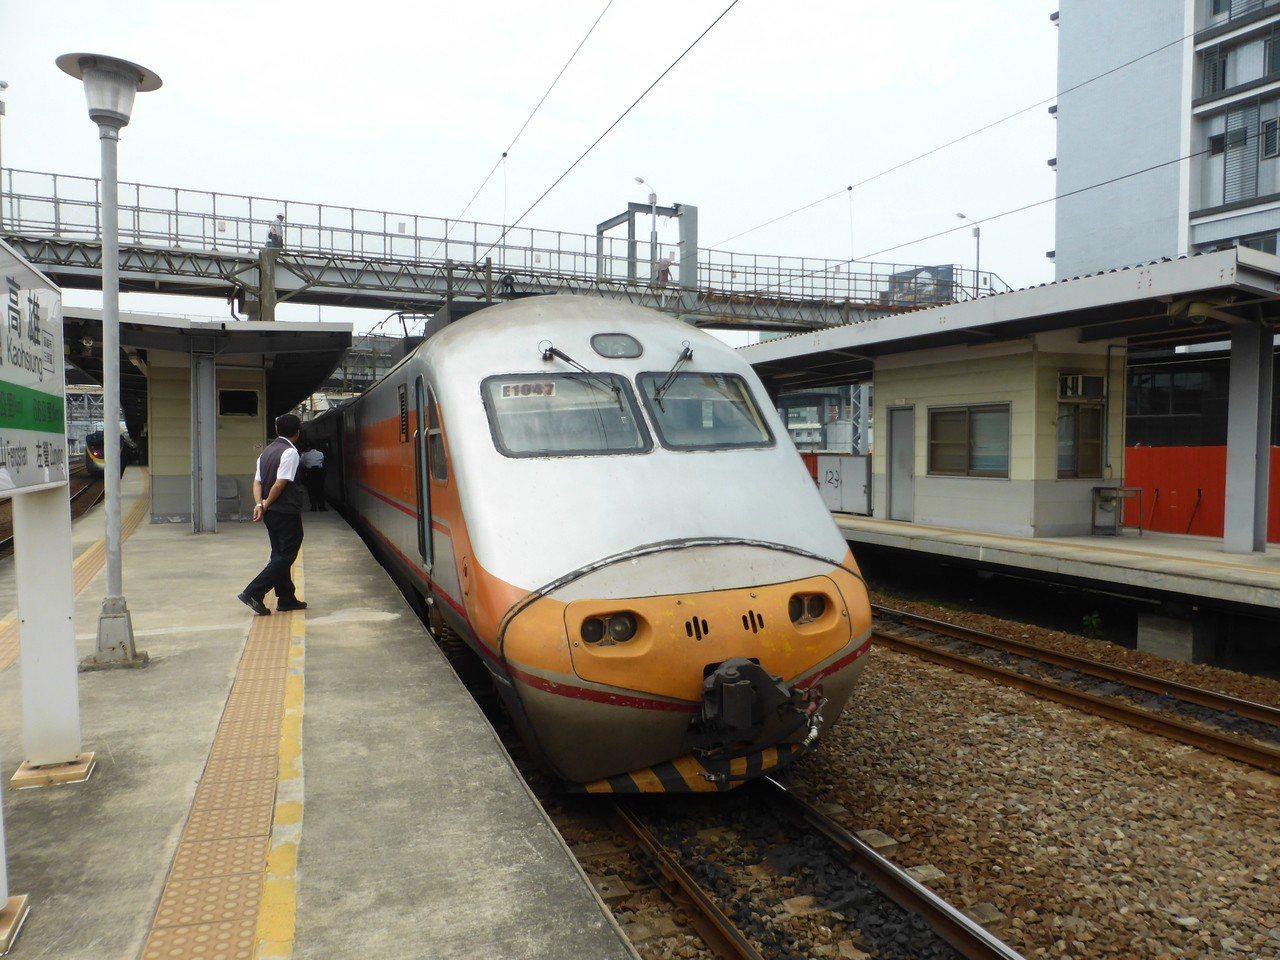 高雄鐵路地下化之後,火車站上方看不到天空了。記者楊濡嘉/攝影